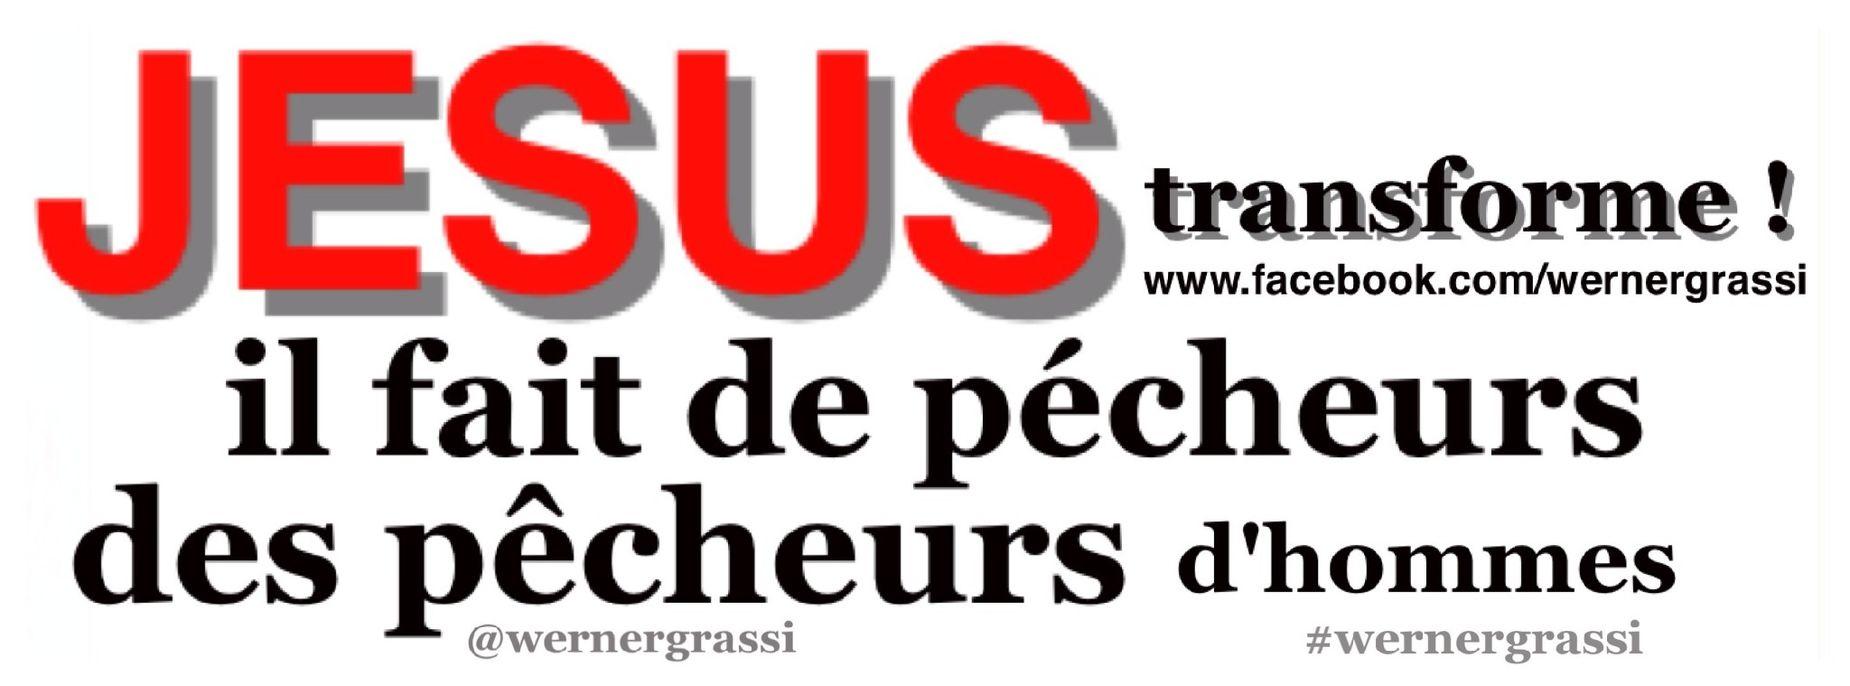 Jesus Jesus Christ Bible Le Dieu Puissant. Wernergrassi Chretiens Chretien Louange Dieu